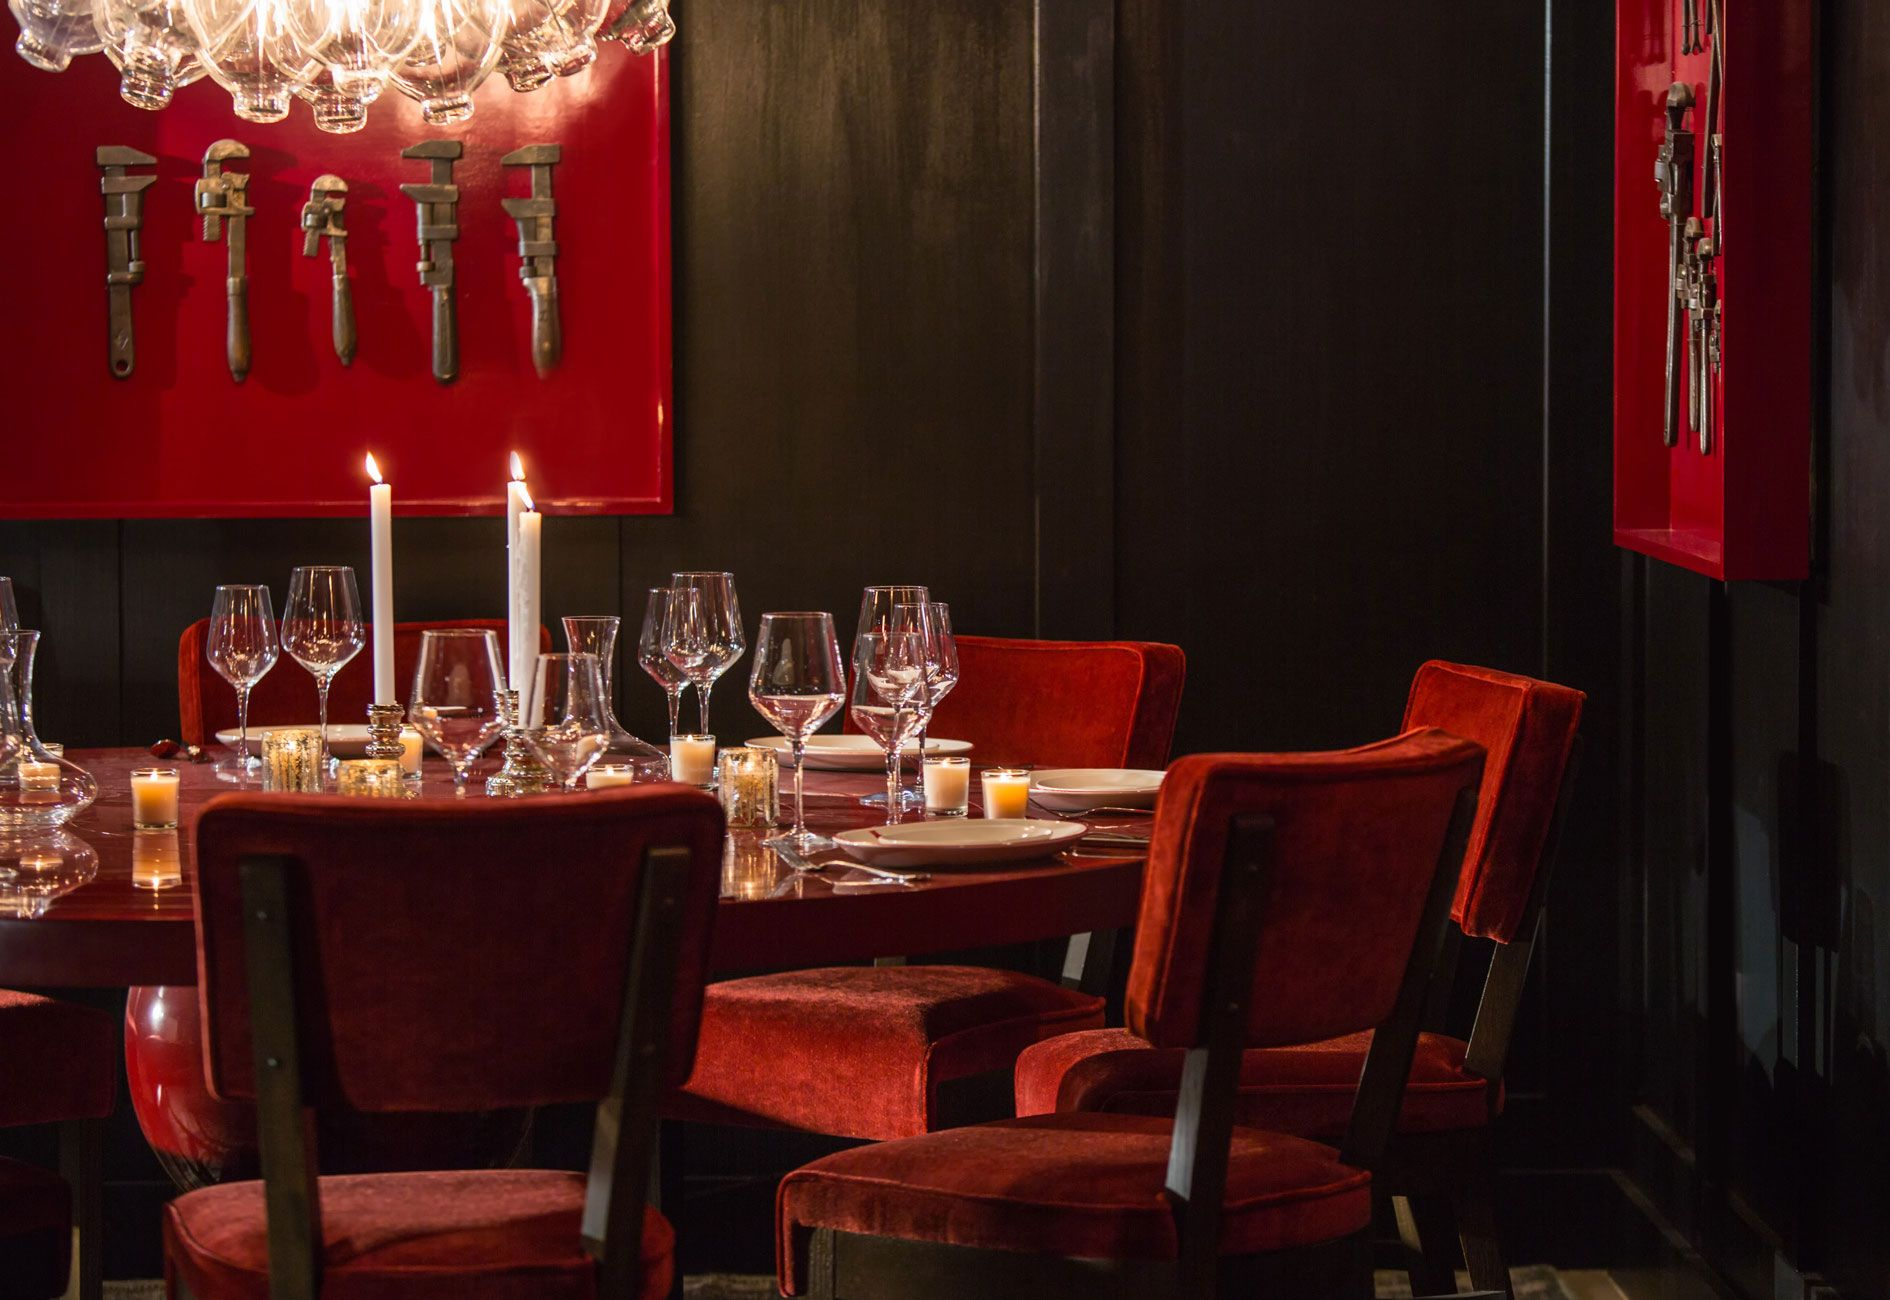 Red Owl Tavern Markzeff Design In 2020 Bar Design Restaurant Restaurant Interior Restaurant Interior Design